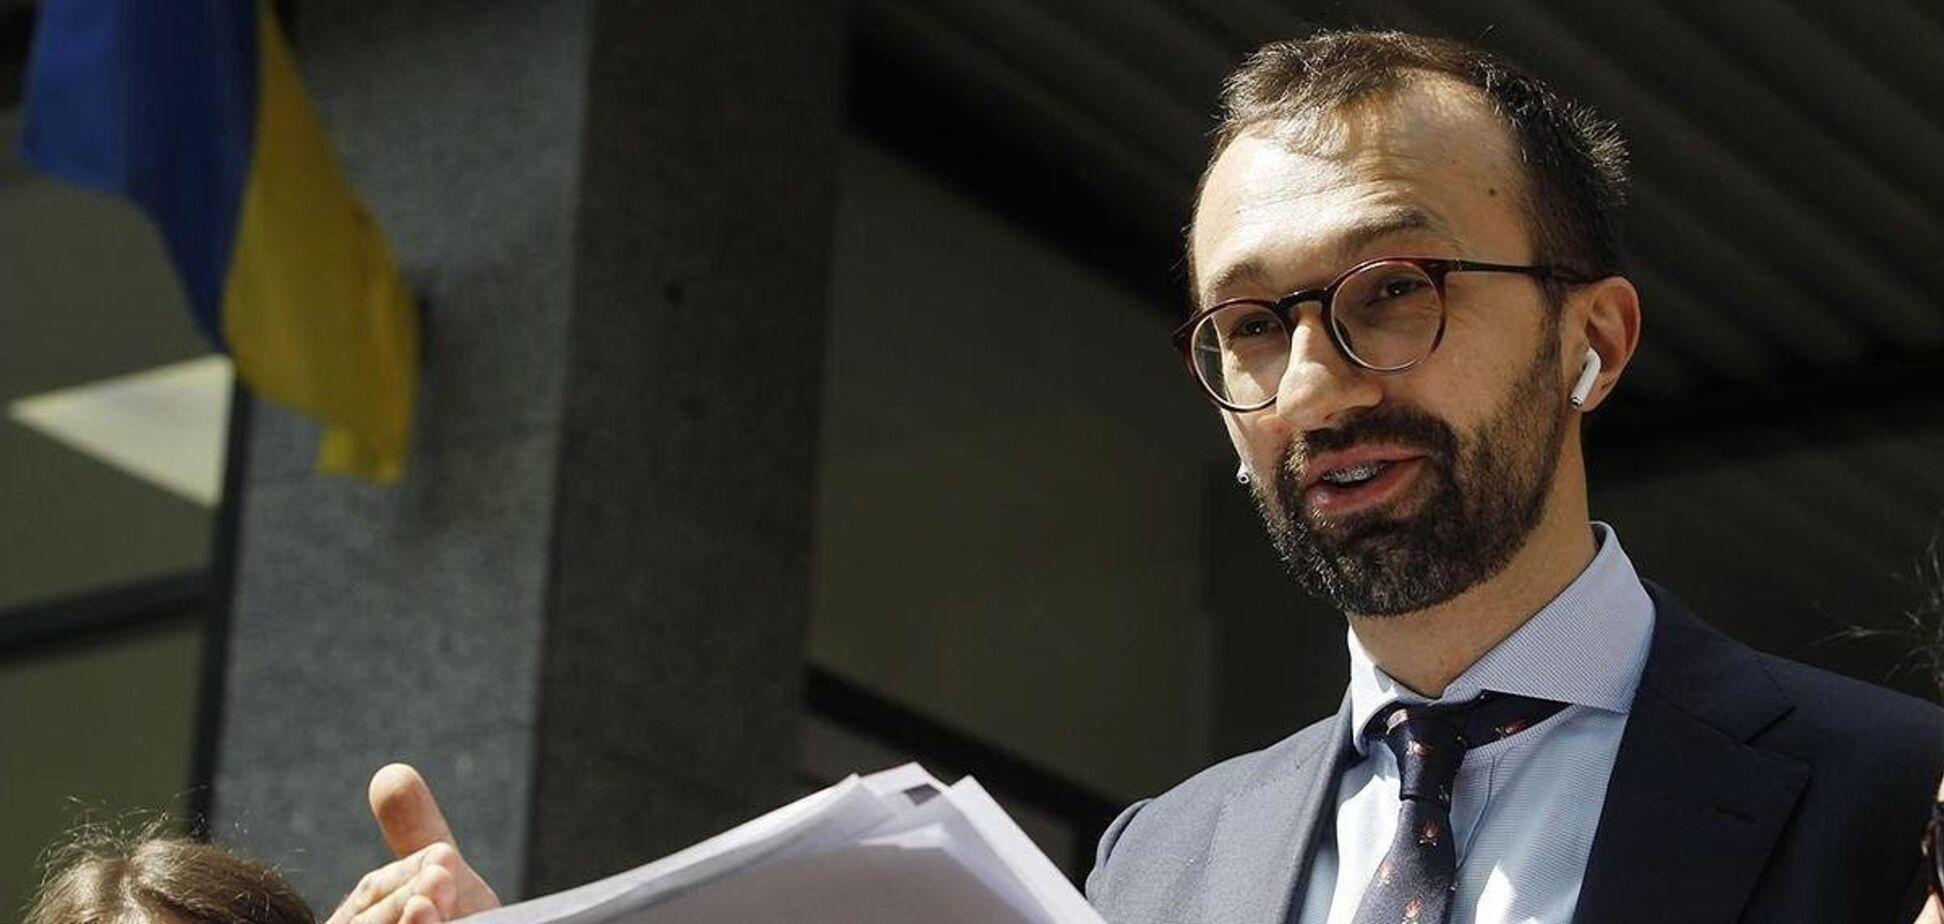 Генпрокурор Венедиктова получила зарплату в 4 раза ниже, чем Лещенко